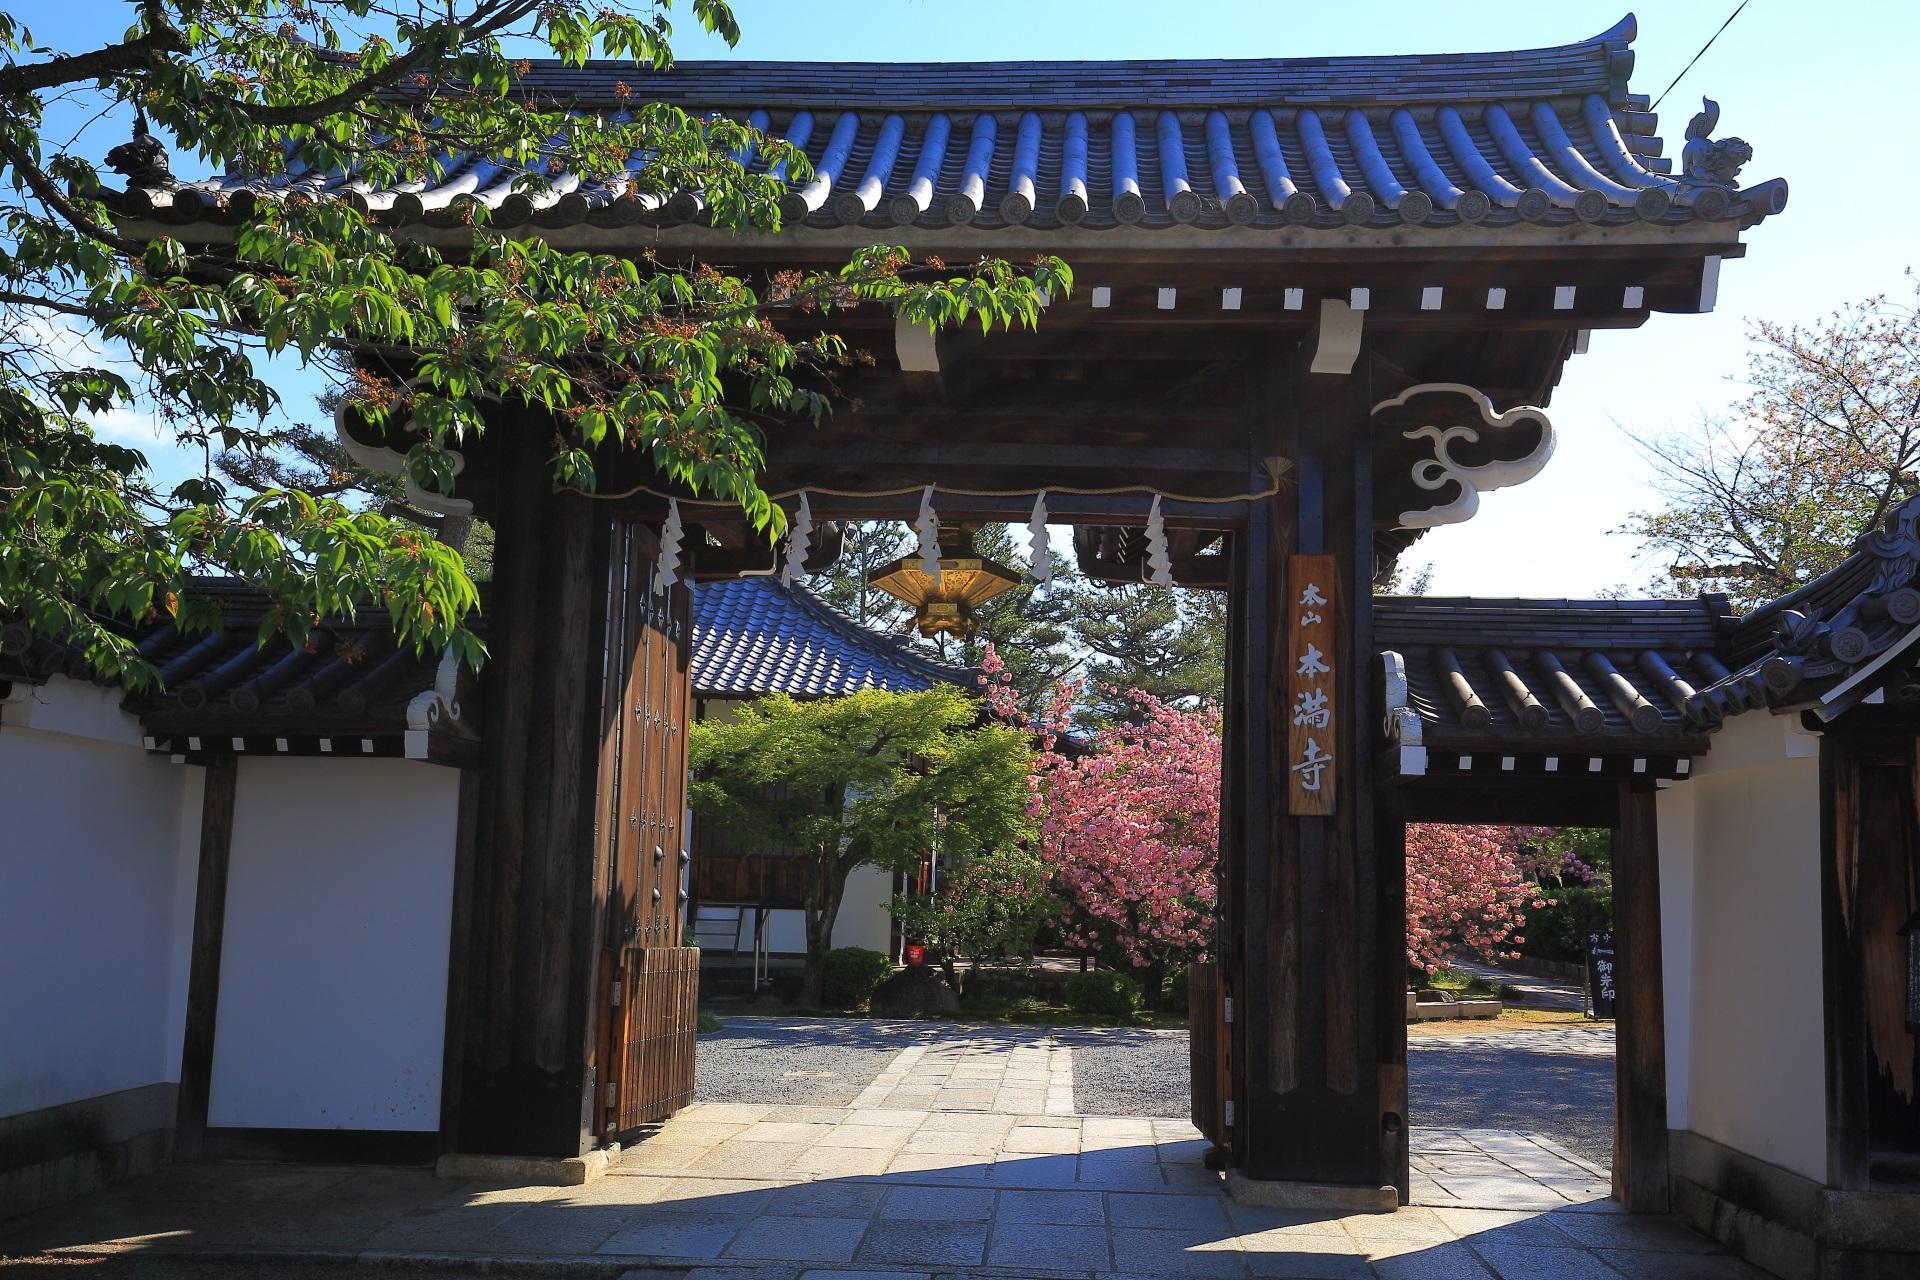 本満寺の山門と奥に見える八重桜